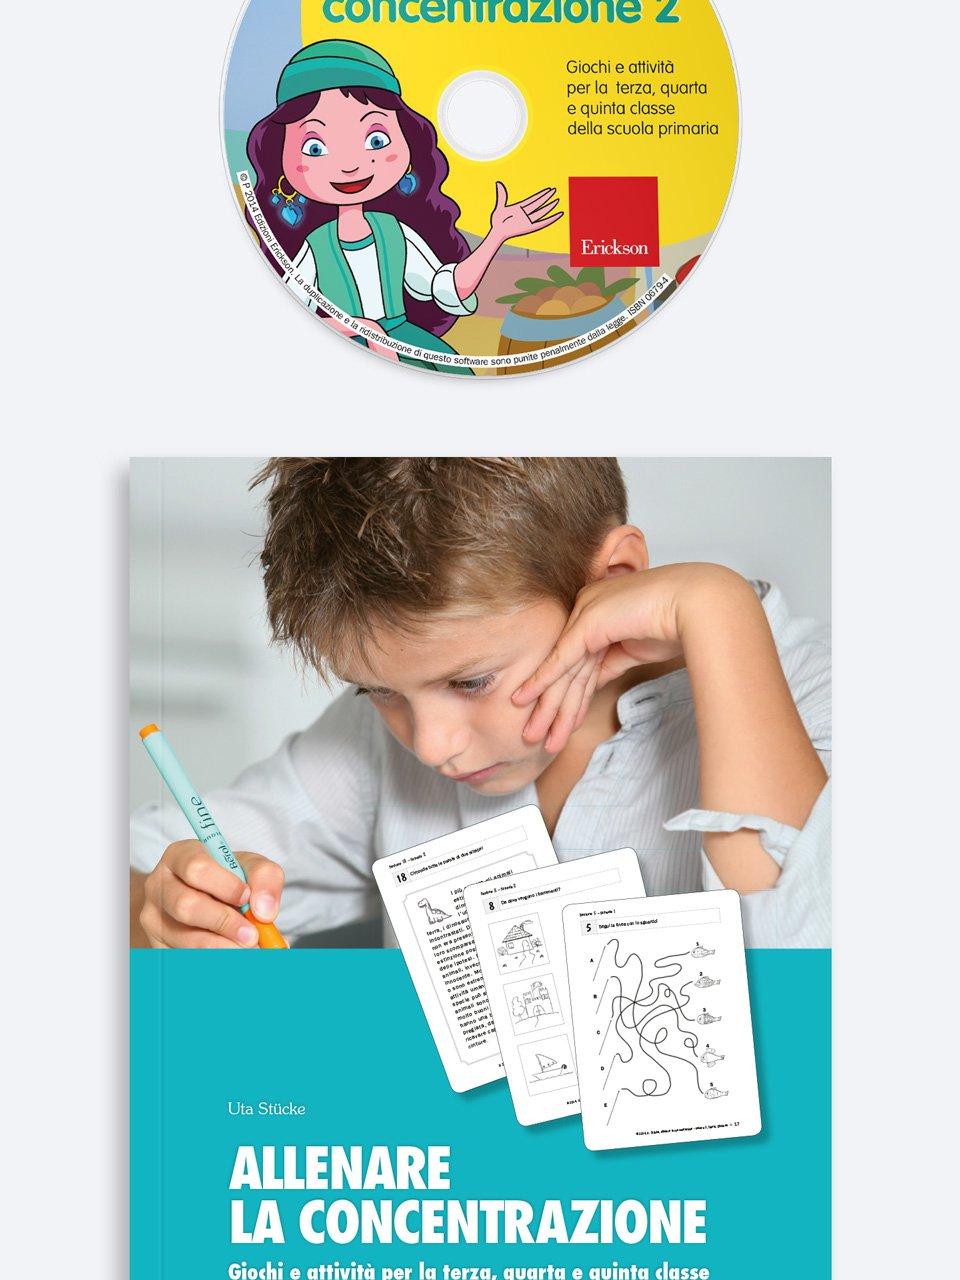 Allenare la concentrazione - Volume 2 - Libri - App e software - Erickson 7